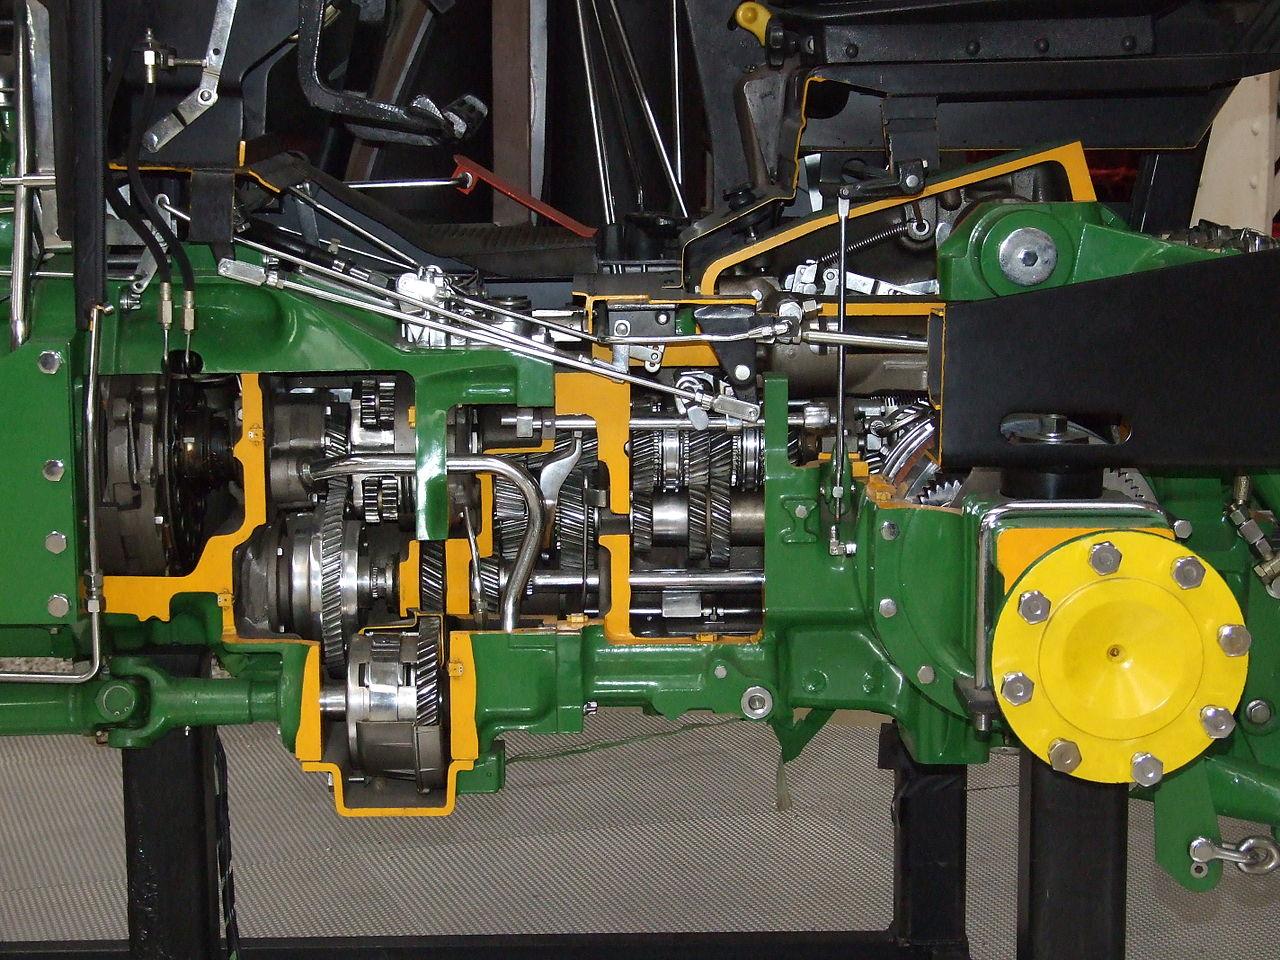 FileJohn Deere 3350 tractor cut transmissionJPG Wikimedia Commons – John Deere 730 Engine Diagram